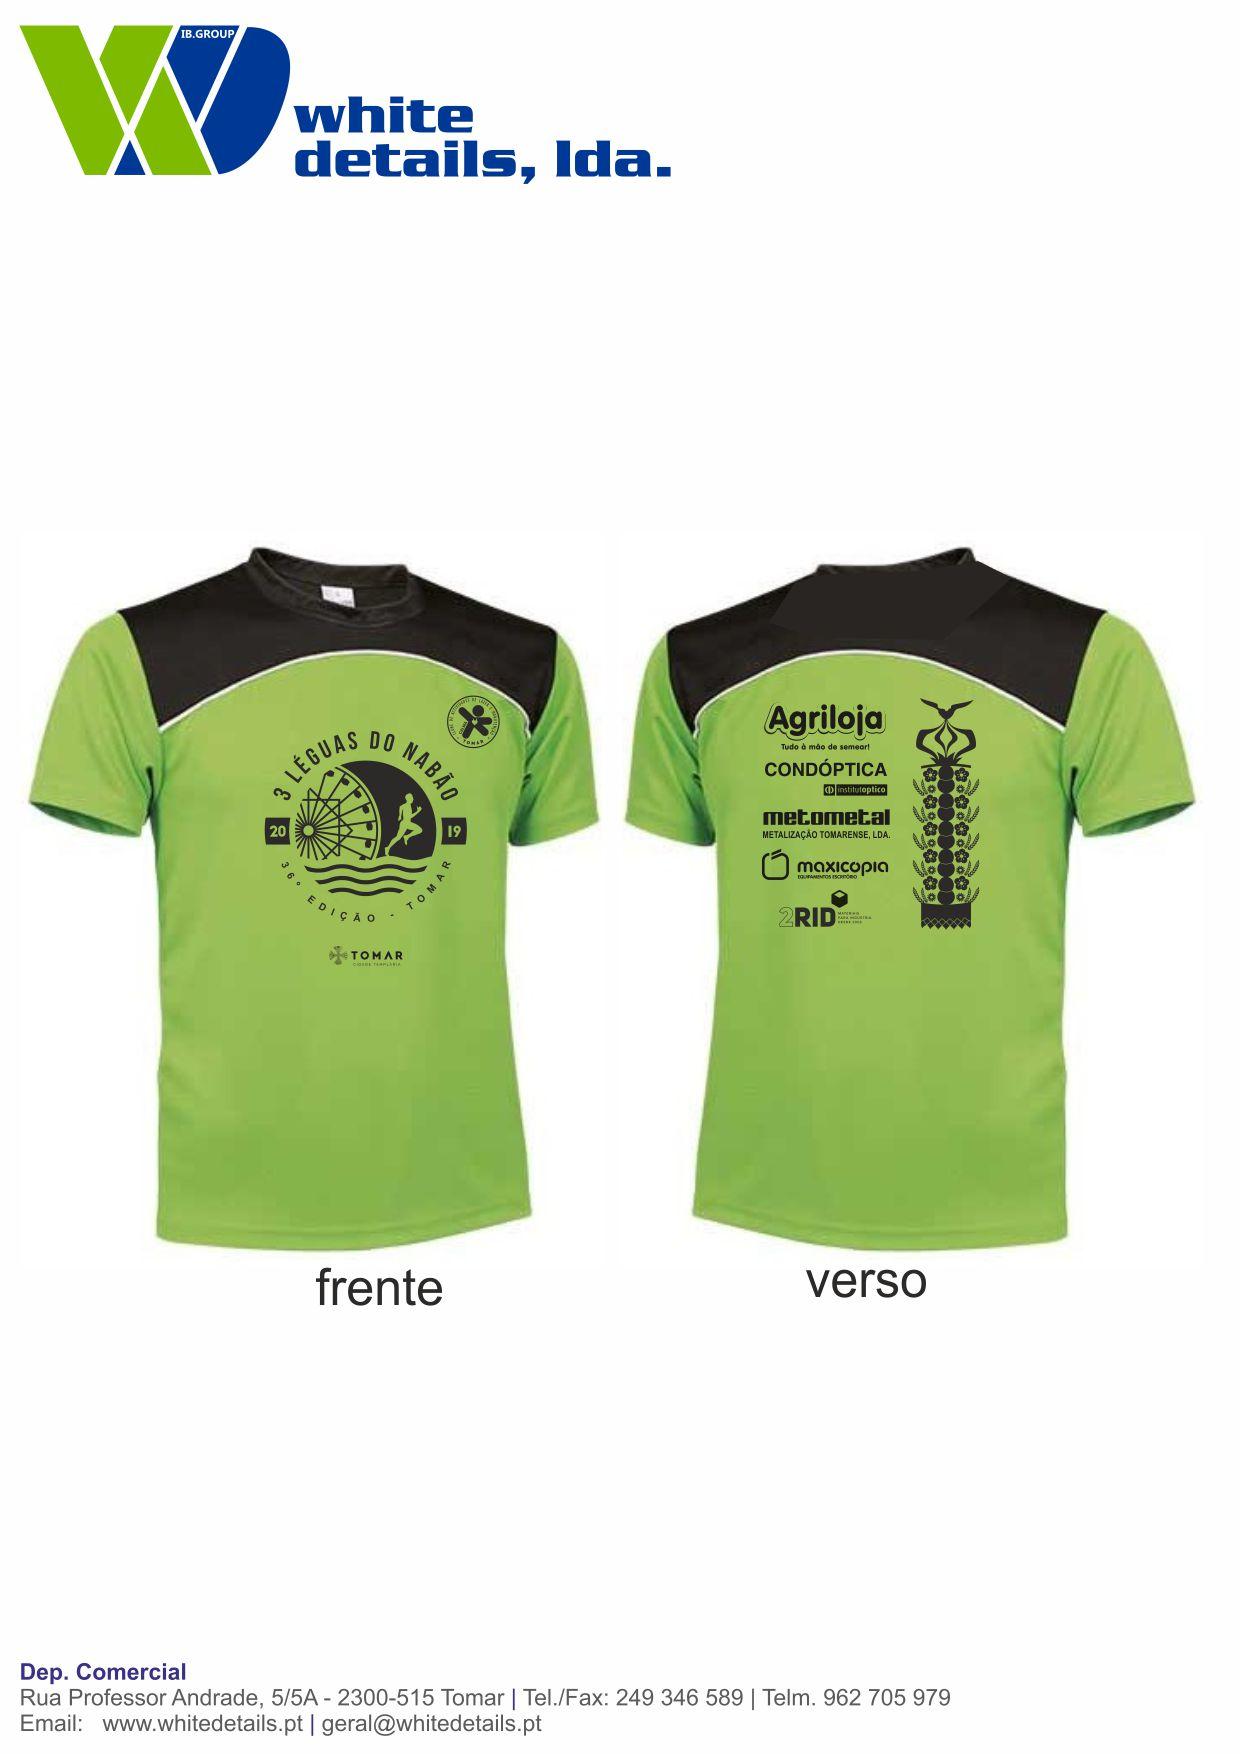 Calma Club - 3Leguas 2019 - Tshirts